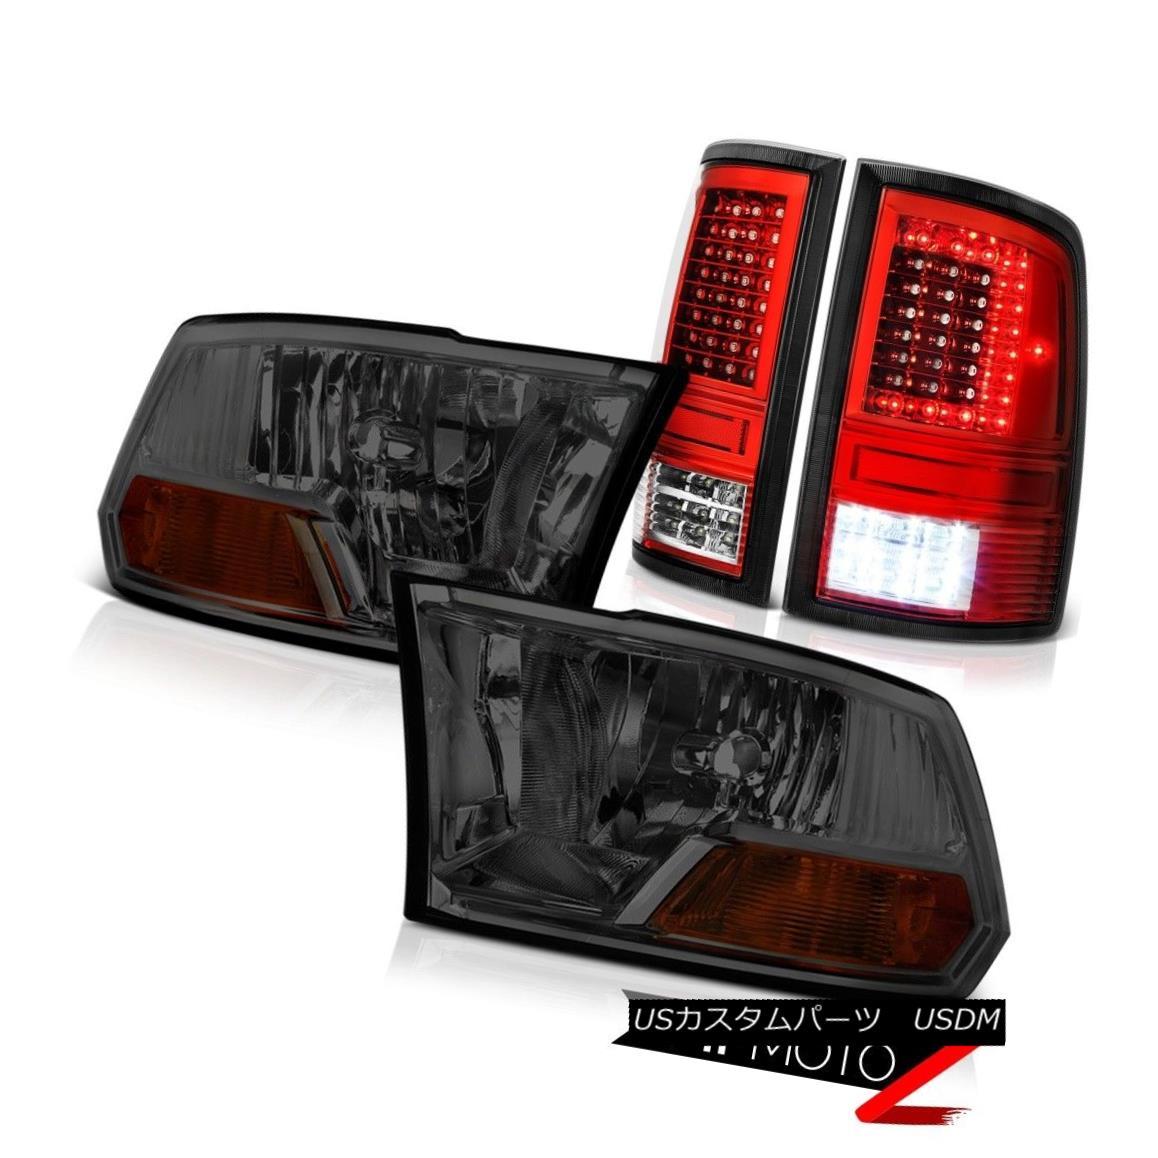 テールライト 2010-2018 Dodge RAM 2500 3500 Red Led Tail Lights Smokey Factory Style Headlamp 2010-2018ダッジRAM 2500 3500レッドテールライトスモーキーファクトリースタイルヘッドライト